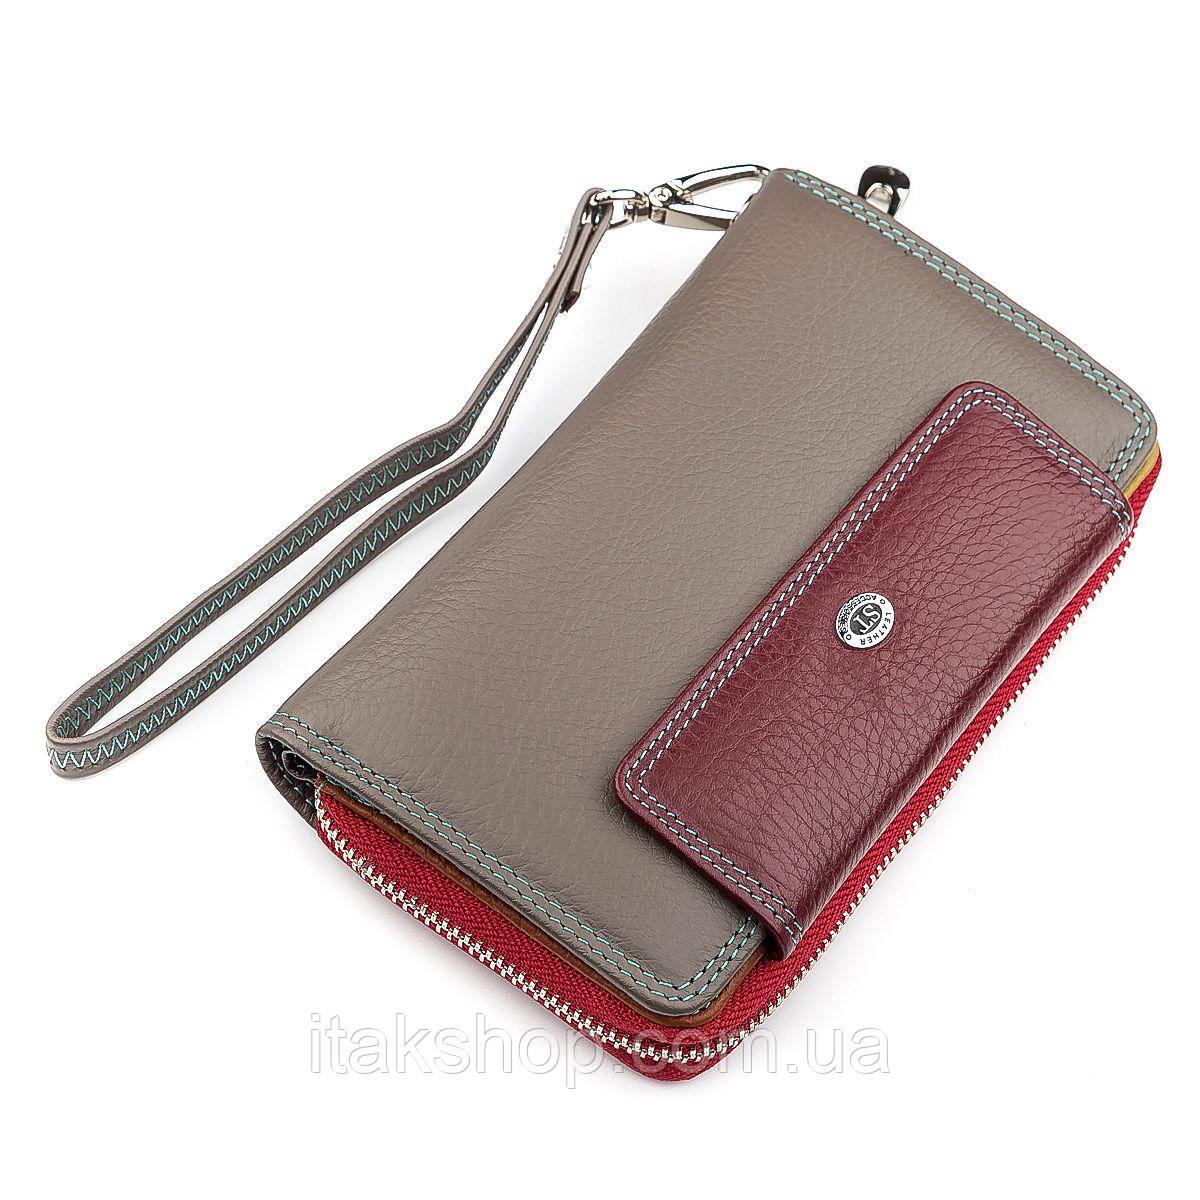 Кошелек женский ST Leather 18442 (SB55-5) Бордовый, Бордовый